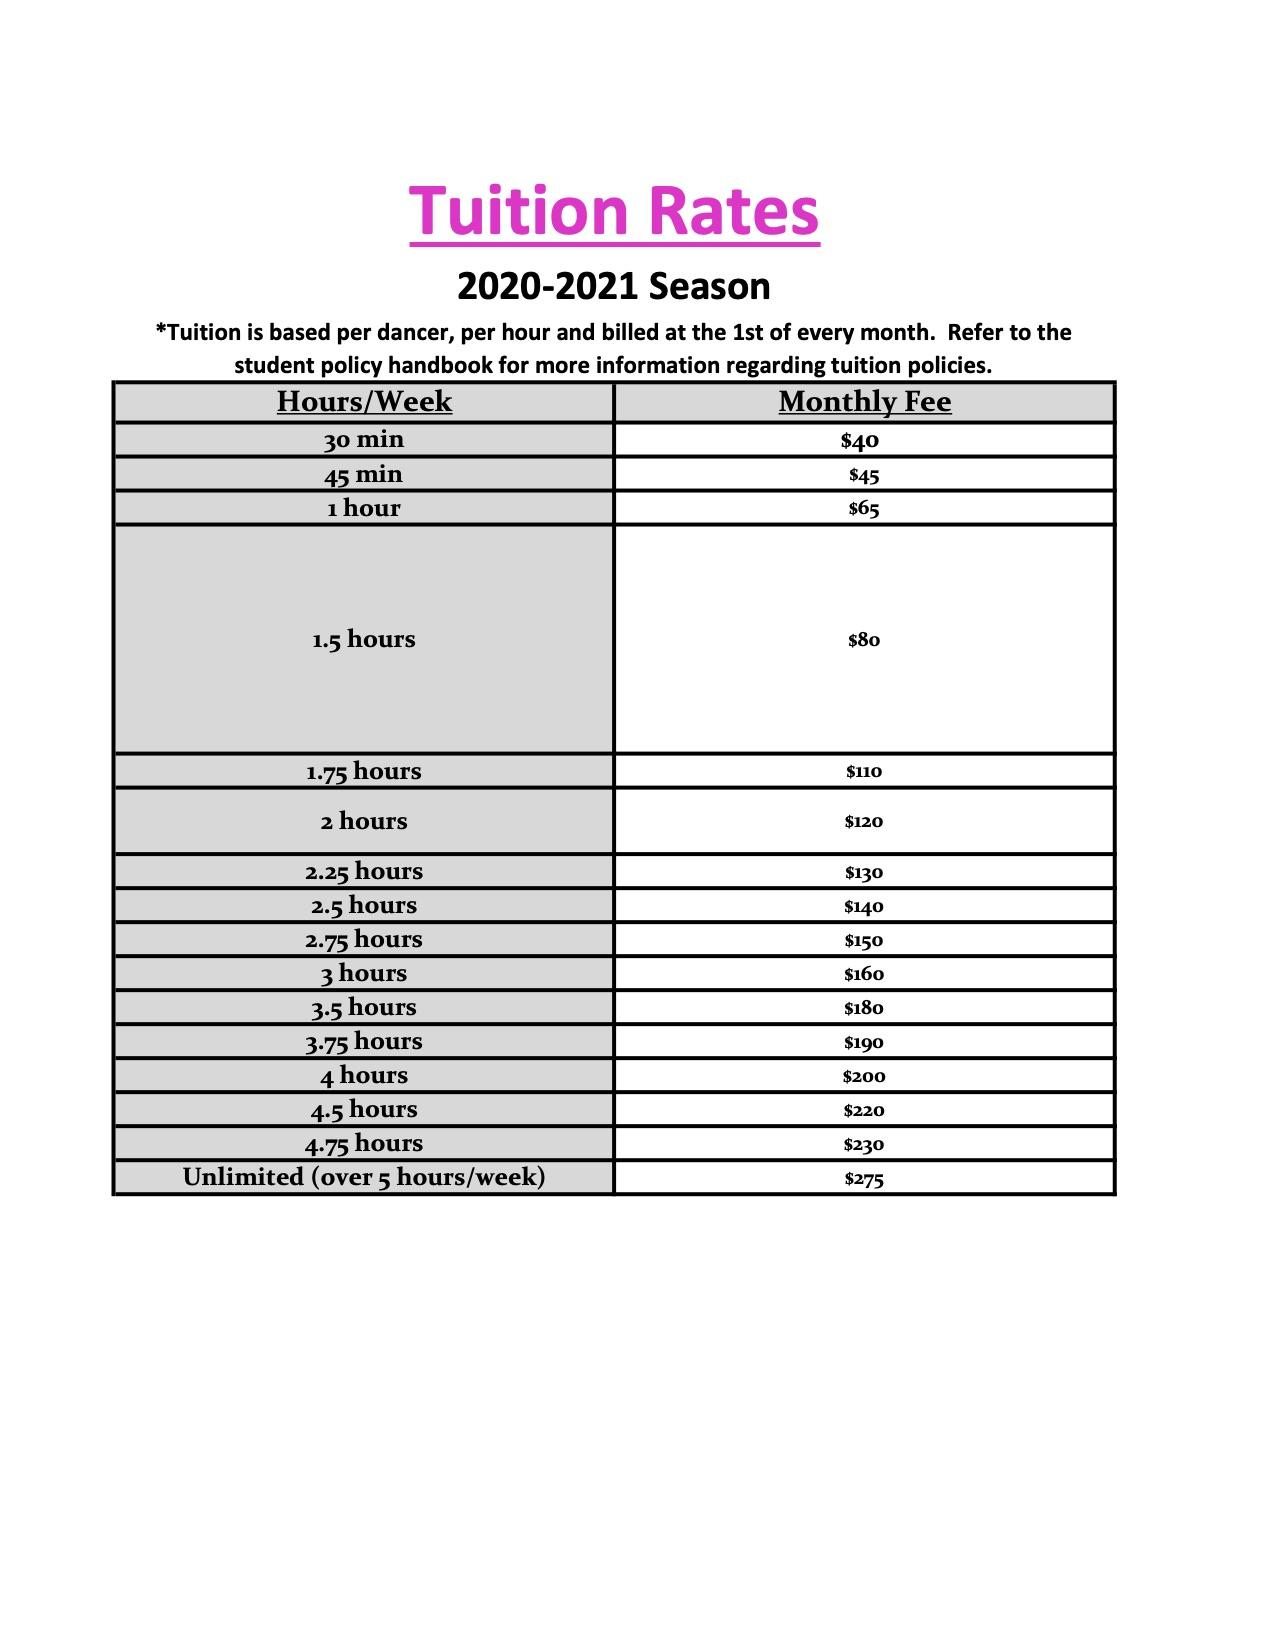 St Louis dance studio tuition rates